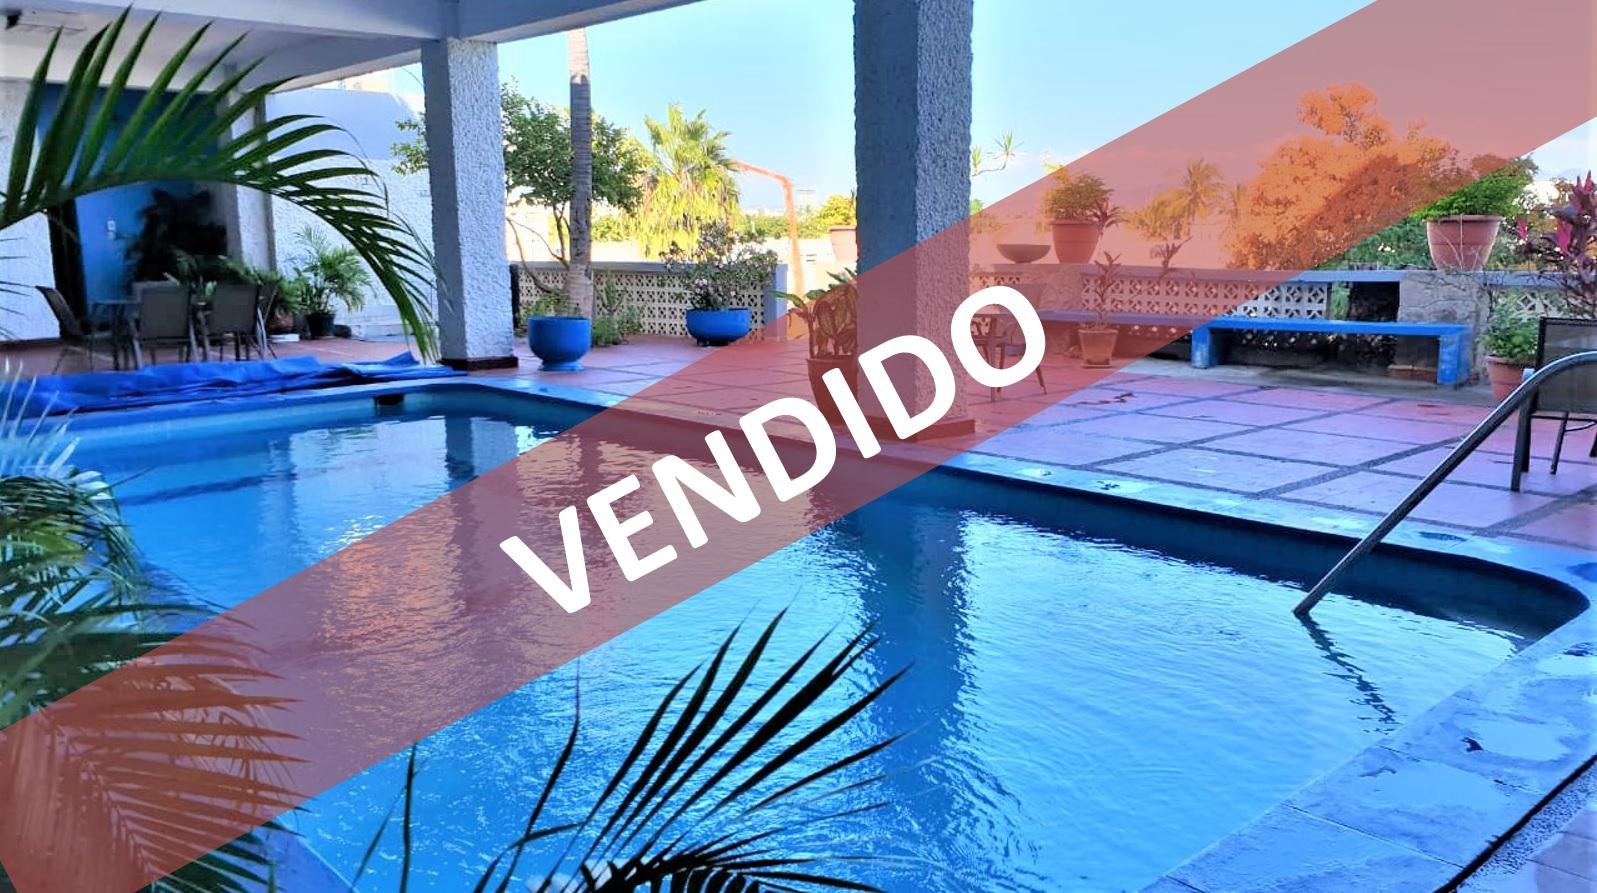 Departamento con hermosas vistas y alberca – SUPER REBAJA DE PRECIO POR TIEMPO LIMITADO $$$!